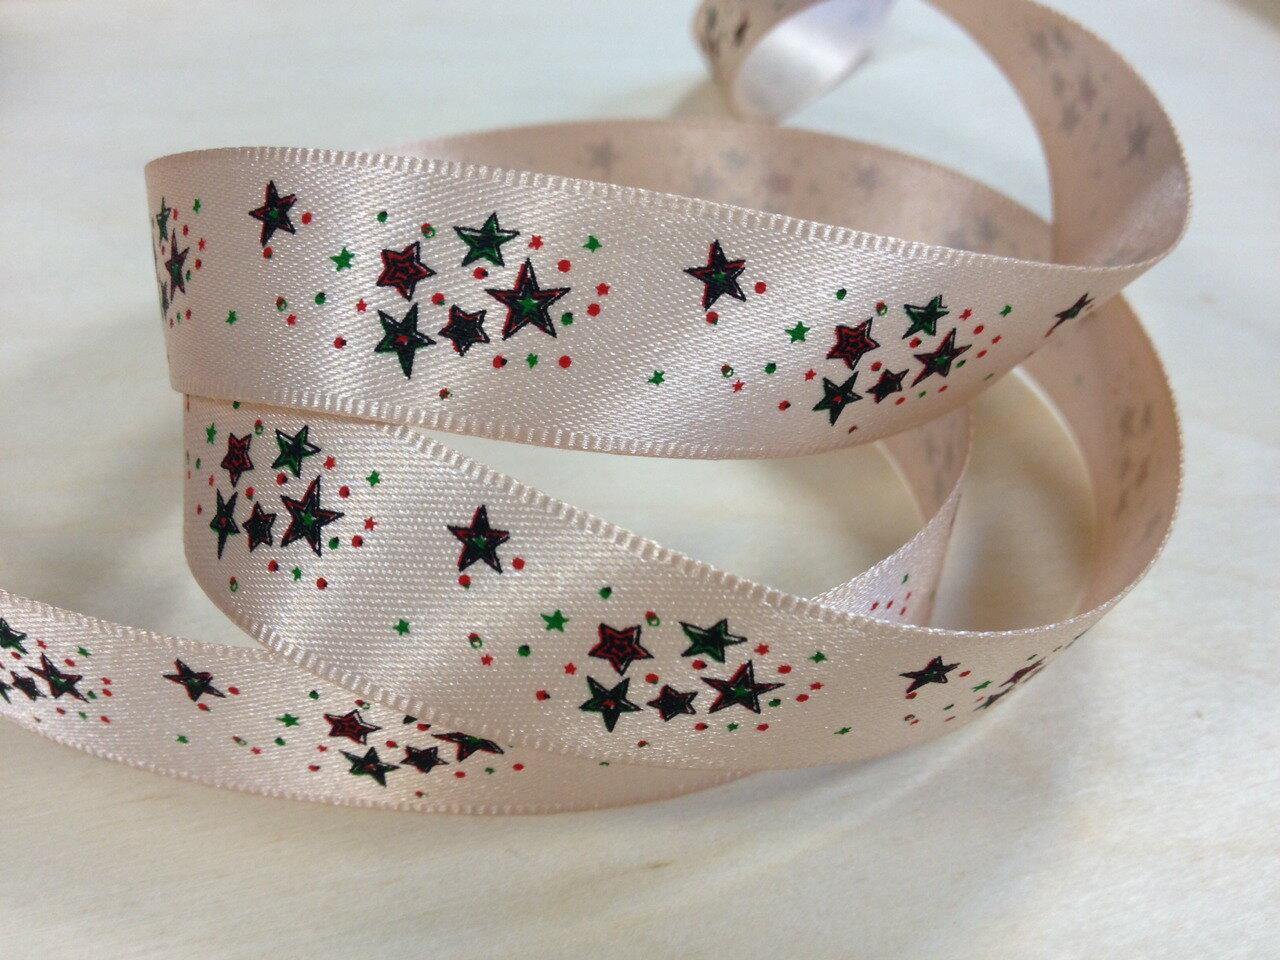 雙緞面聖誕繽紛星星15mm 3碼裝 - 限時優惠好康折扣